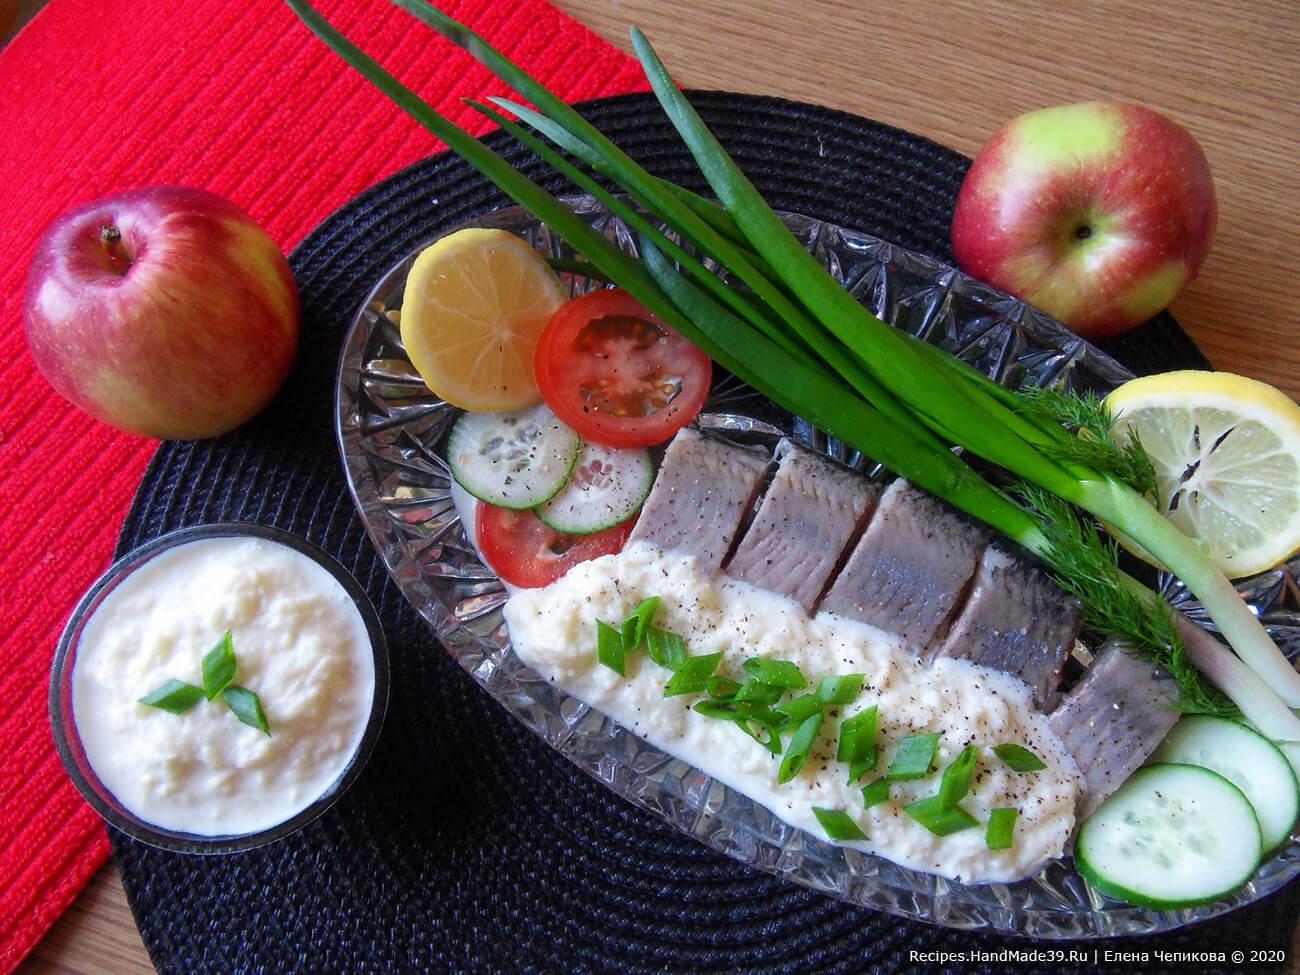 Сметанный соус с яблоком для сельди – пошаговый рецепт с фото